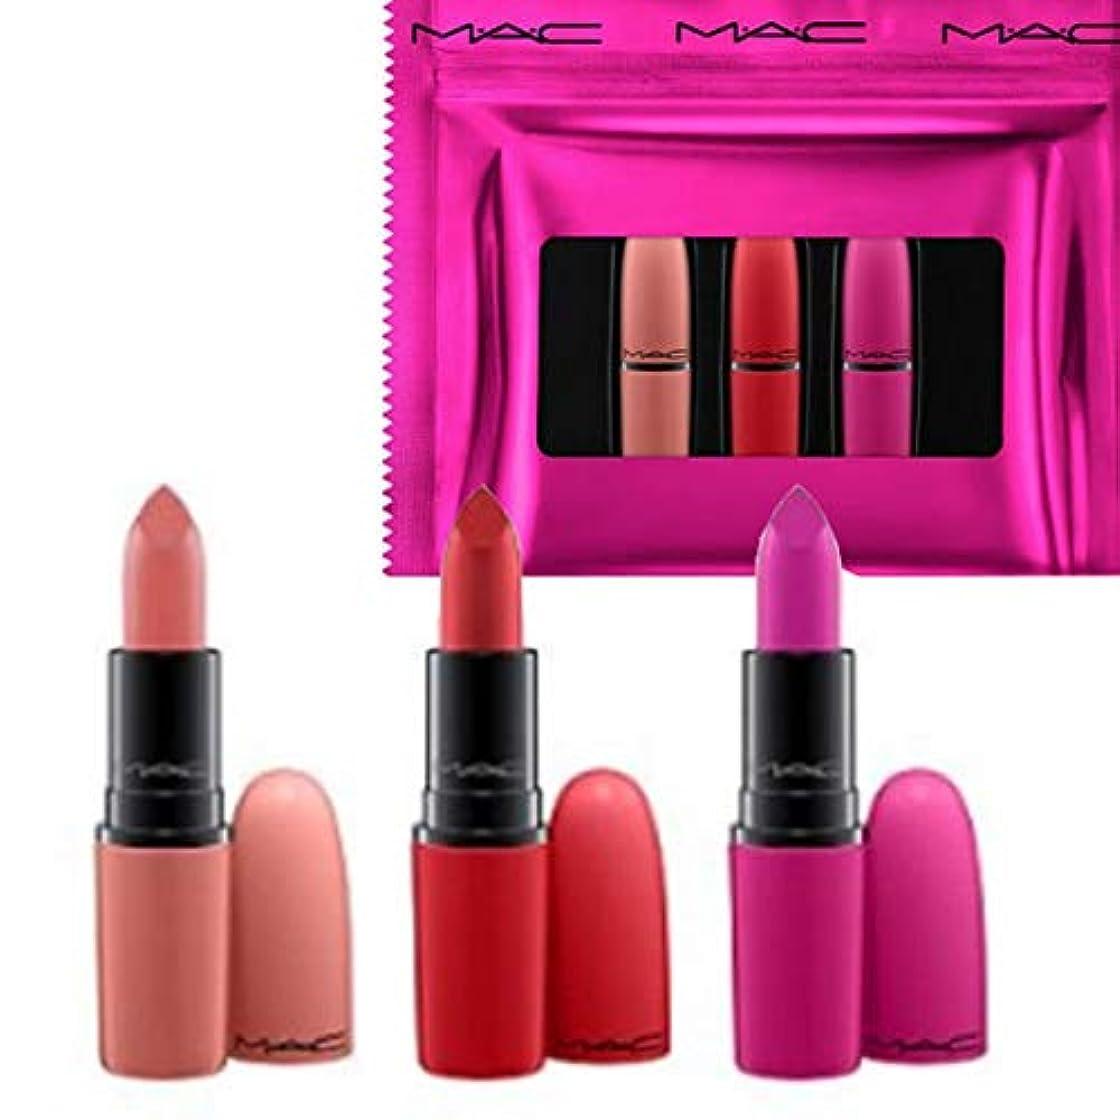 アドバイス皮肉な近代化M.A.C ?マック, Limited Edition 限定版, 3-Pc. Shiny Pretty Things Lip Set - Russian Red/Kinda Sexy/Flat Out Fabulous...